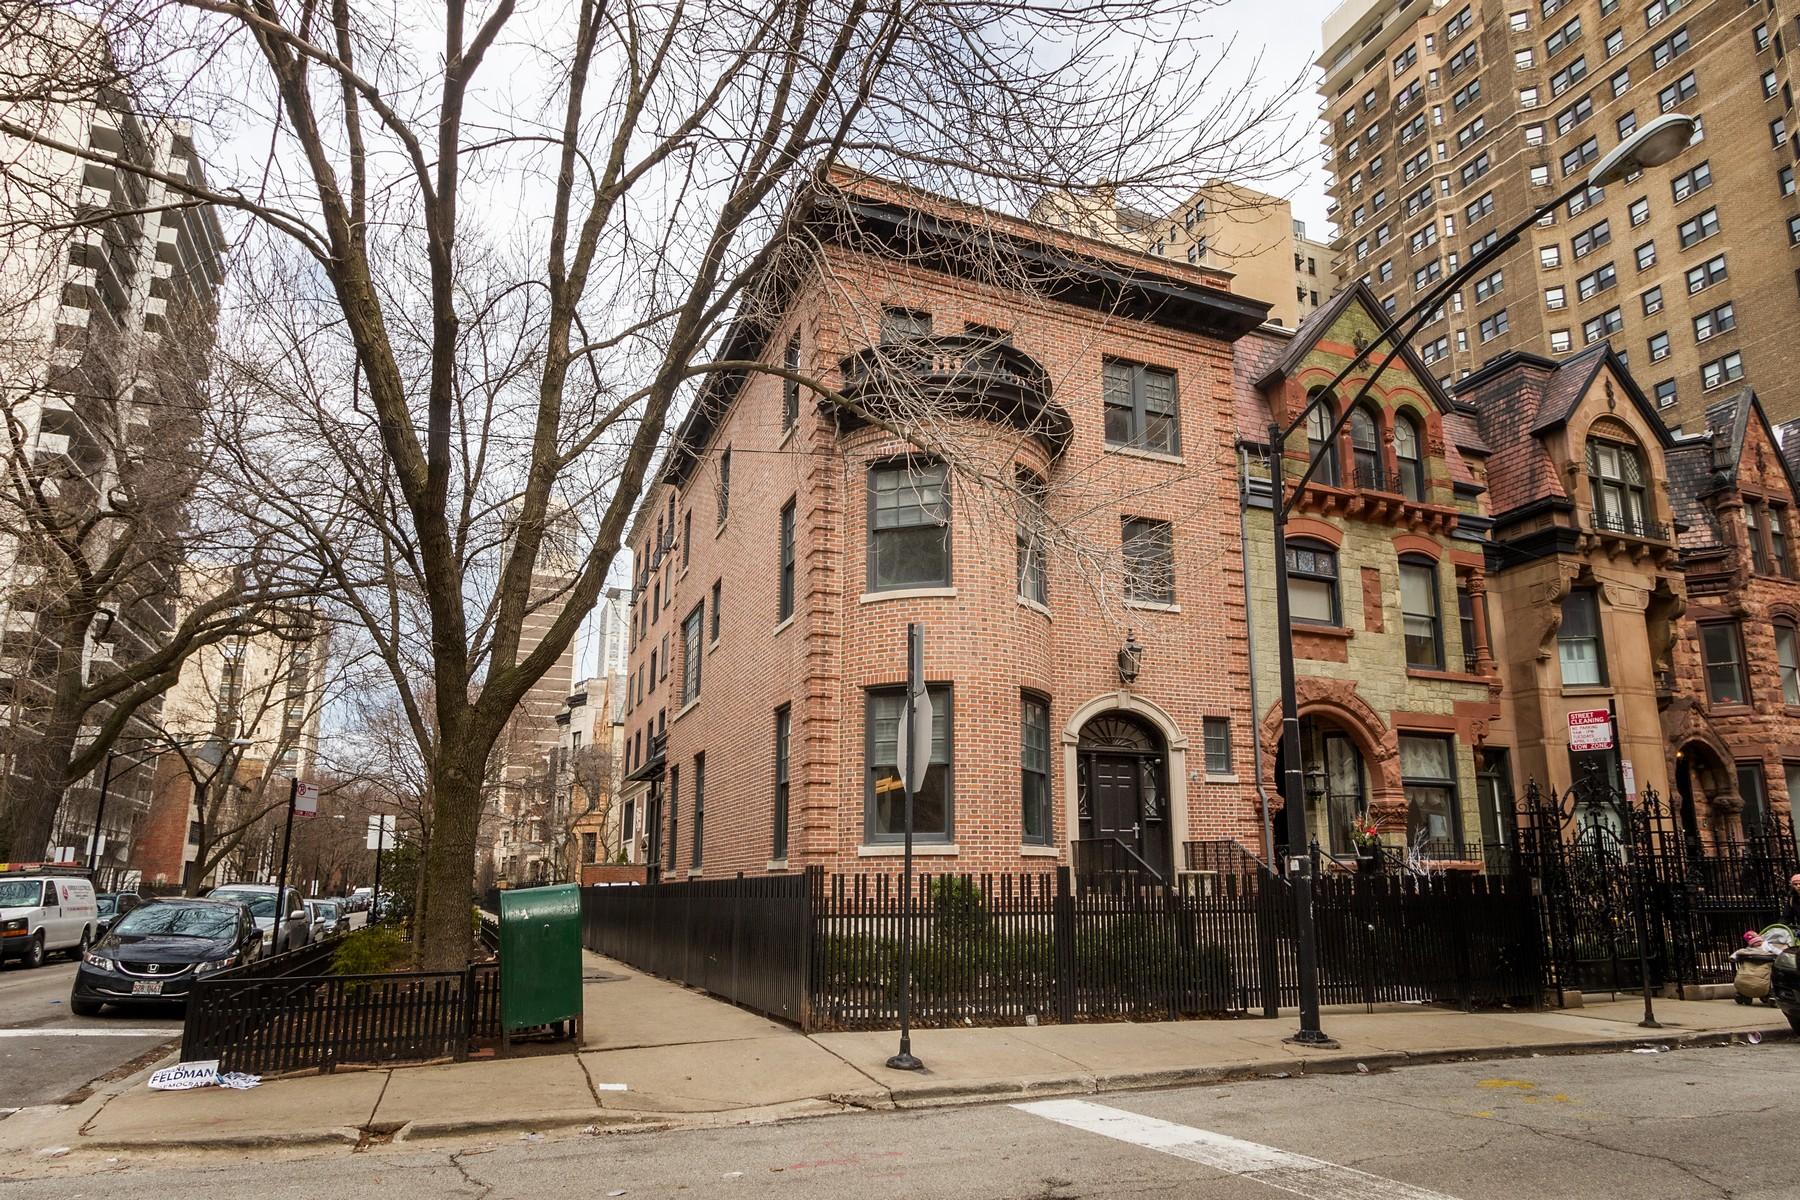 Частный односемейный дом для того Продажа на Historic Georgian Home 1401 N Astor Street, Near North Side, Chicago, Иллинойс, 60610 Соединенные Штаты